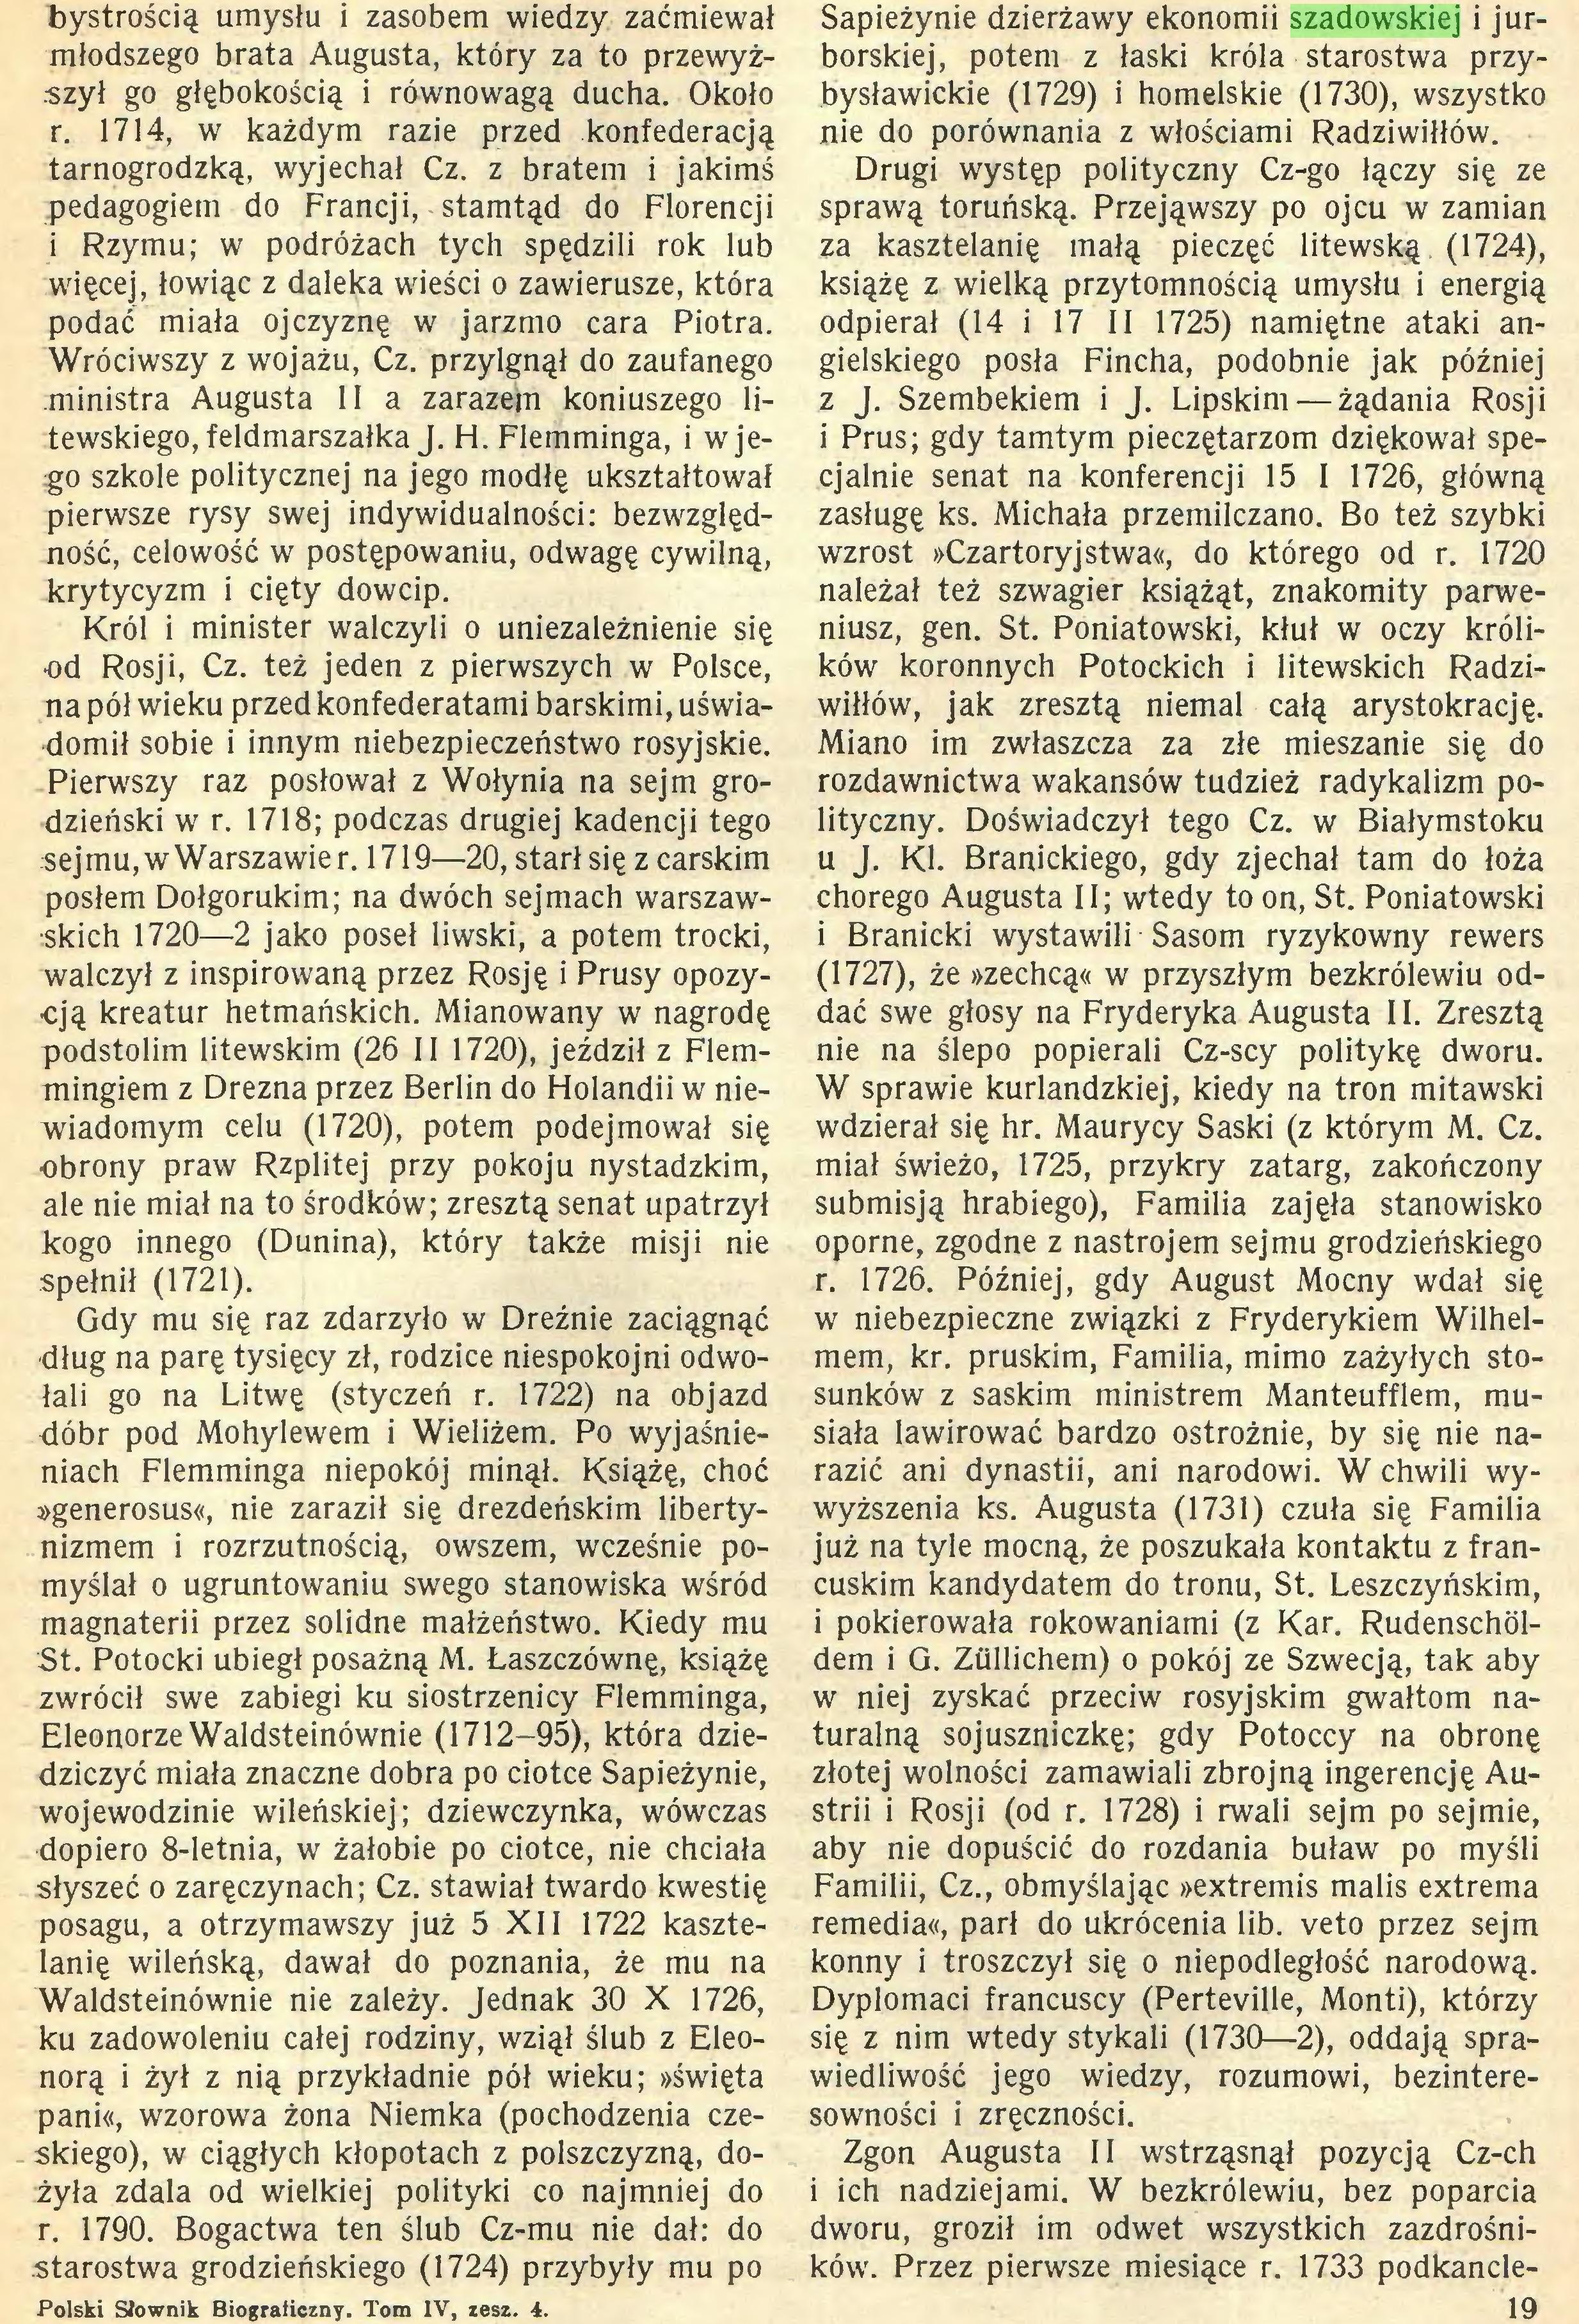 (...) Waldsteinównie nie zależy. Jednak 30 X 1726, ku zadowoleniu całej rodziny, wziął ślub z Eleonorą i żył z nią przykładnie pół wieku; »święta pani«, wzorowa żona Niemka (pochodzenia czeskiego), w ciągłych kłopotach z polszczyzną, dożyła zdała od wielkiej polityki co najmniej do r. 1790. Bogactwa ten ślub Cz-mu nie dał: do starostwa grodzieńskiego (1724) przybyły mu po Polski Słownik Biograficzny. Tom IV, zesz. 4. Sapieżynie dzierżawy ekonomii szadowskiej i jurborskiej, potem z łaski króla starostwa przybysławickie (1729) i homelskie (1730), wszystko nie do porównania z włościami Radziwiłłów...